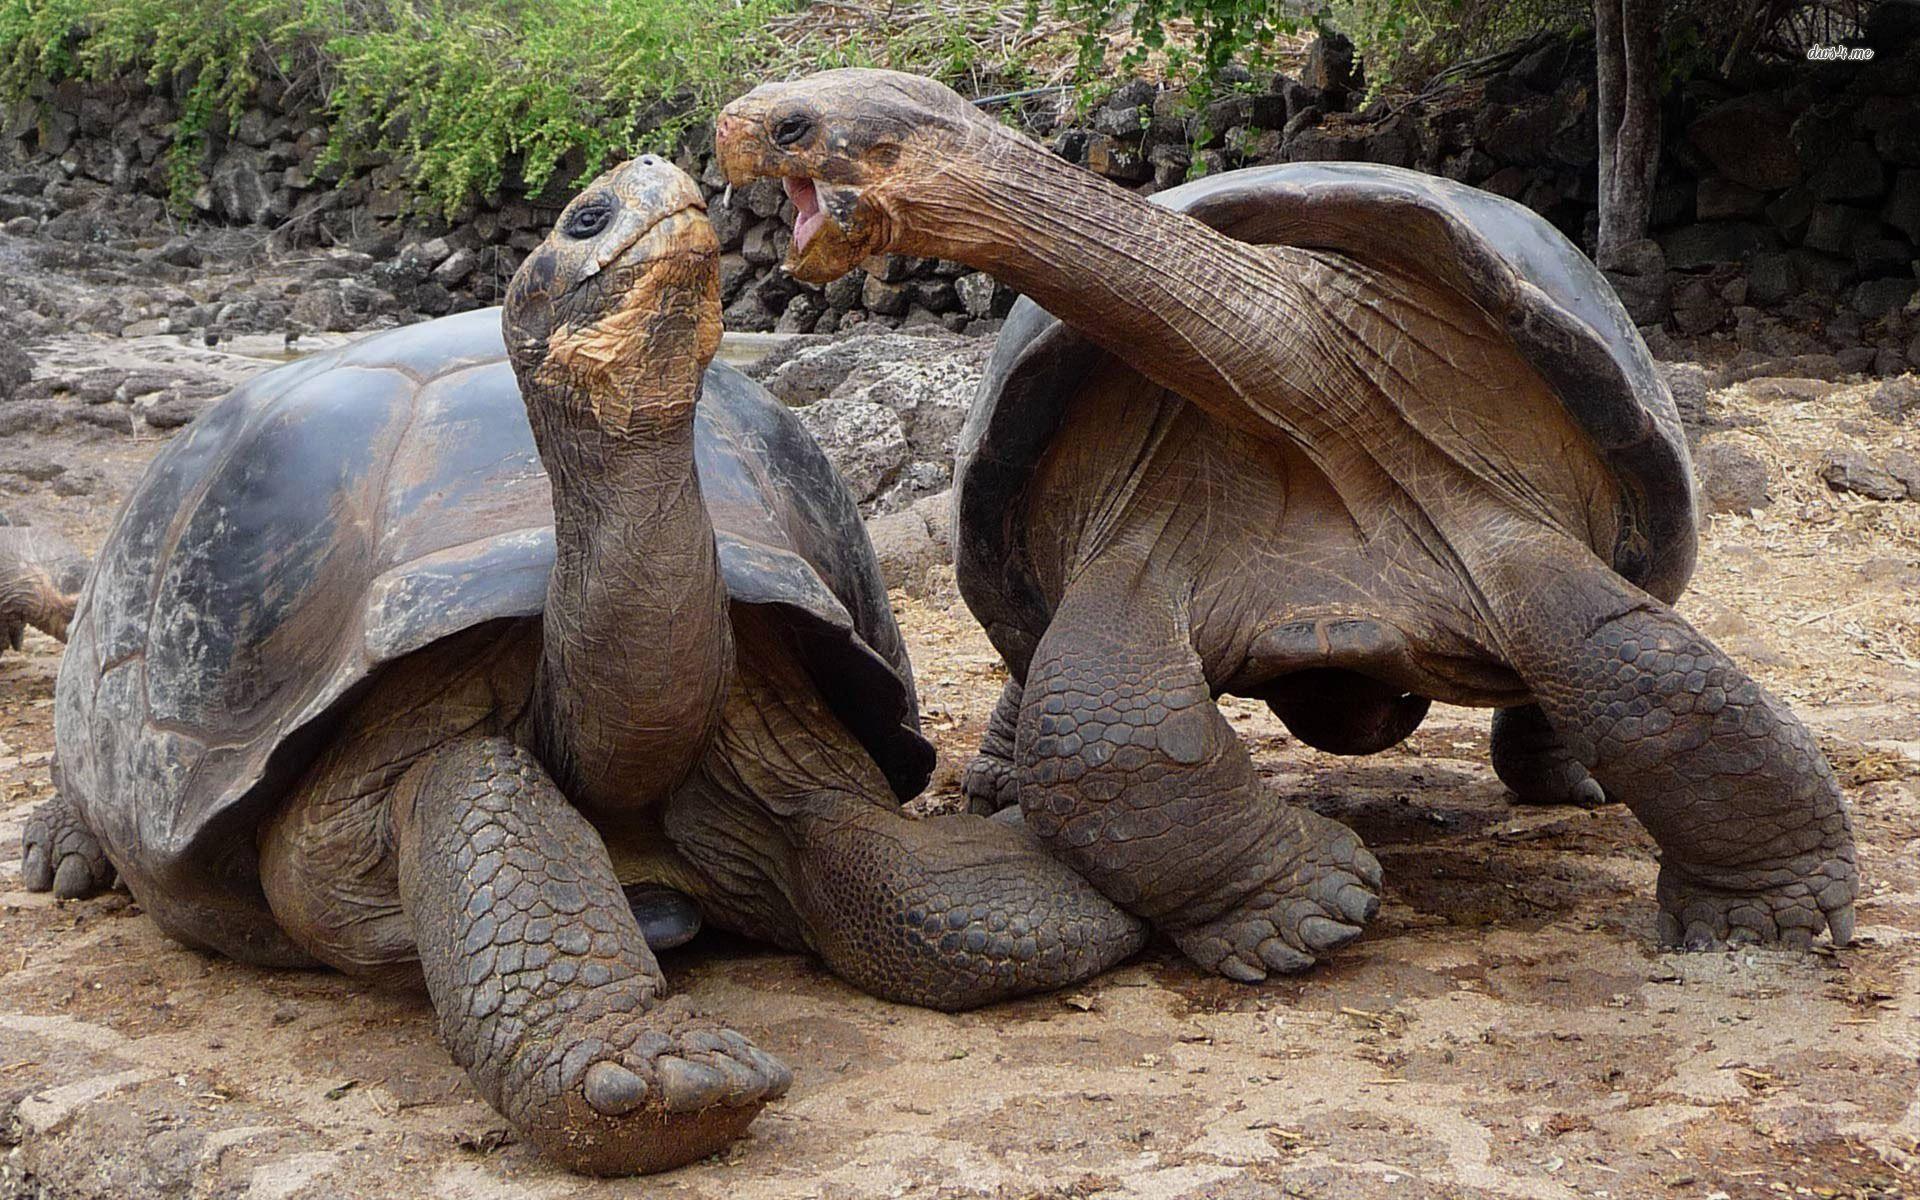 Aldabra giant tortoise wallpaper - Animal wallpapers - #9484 ...